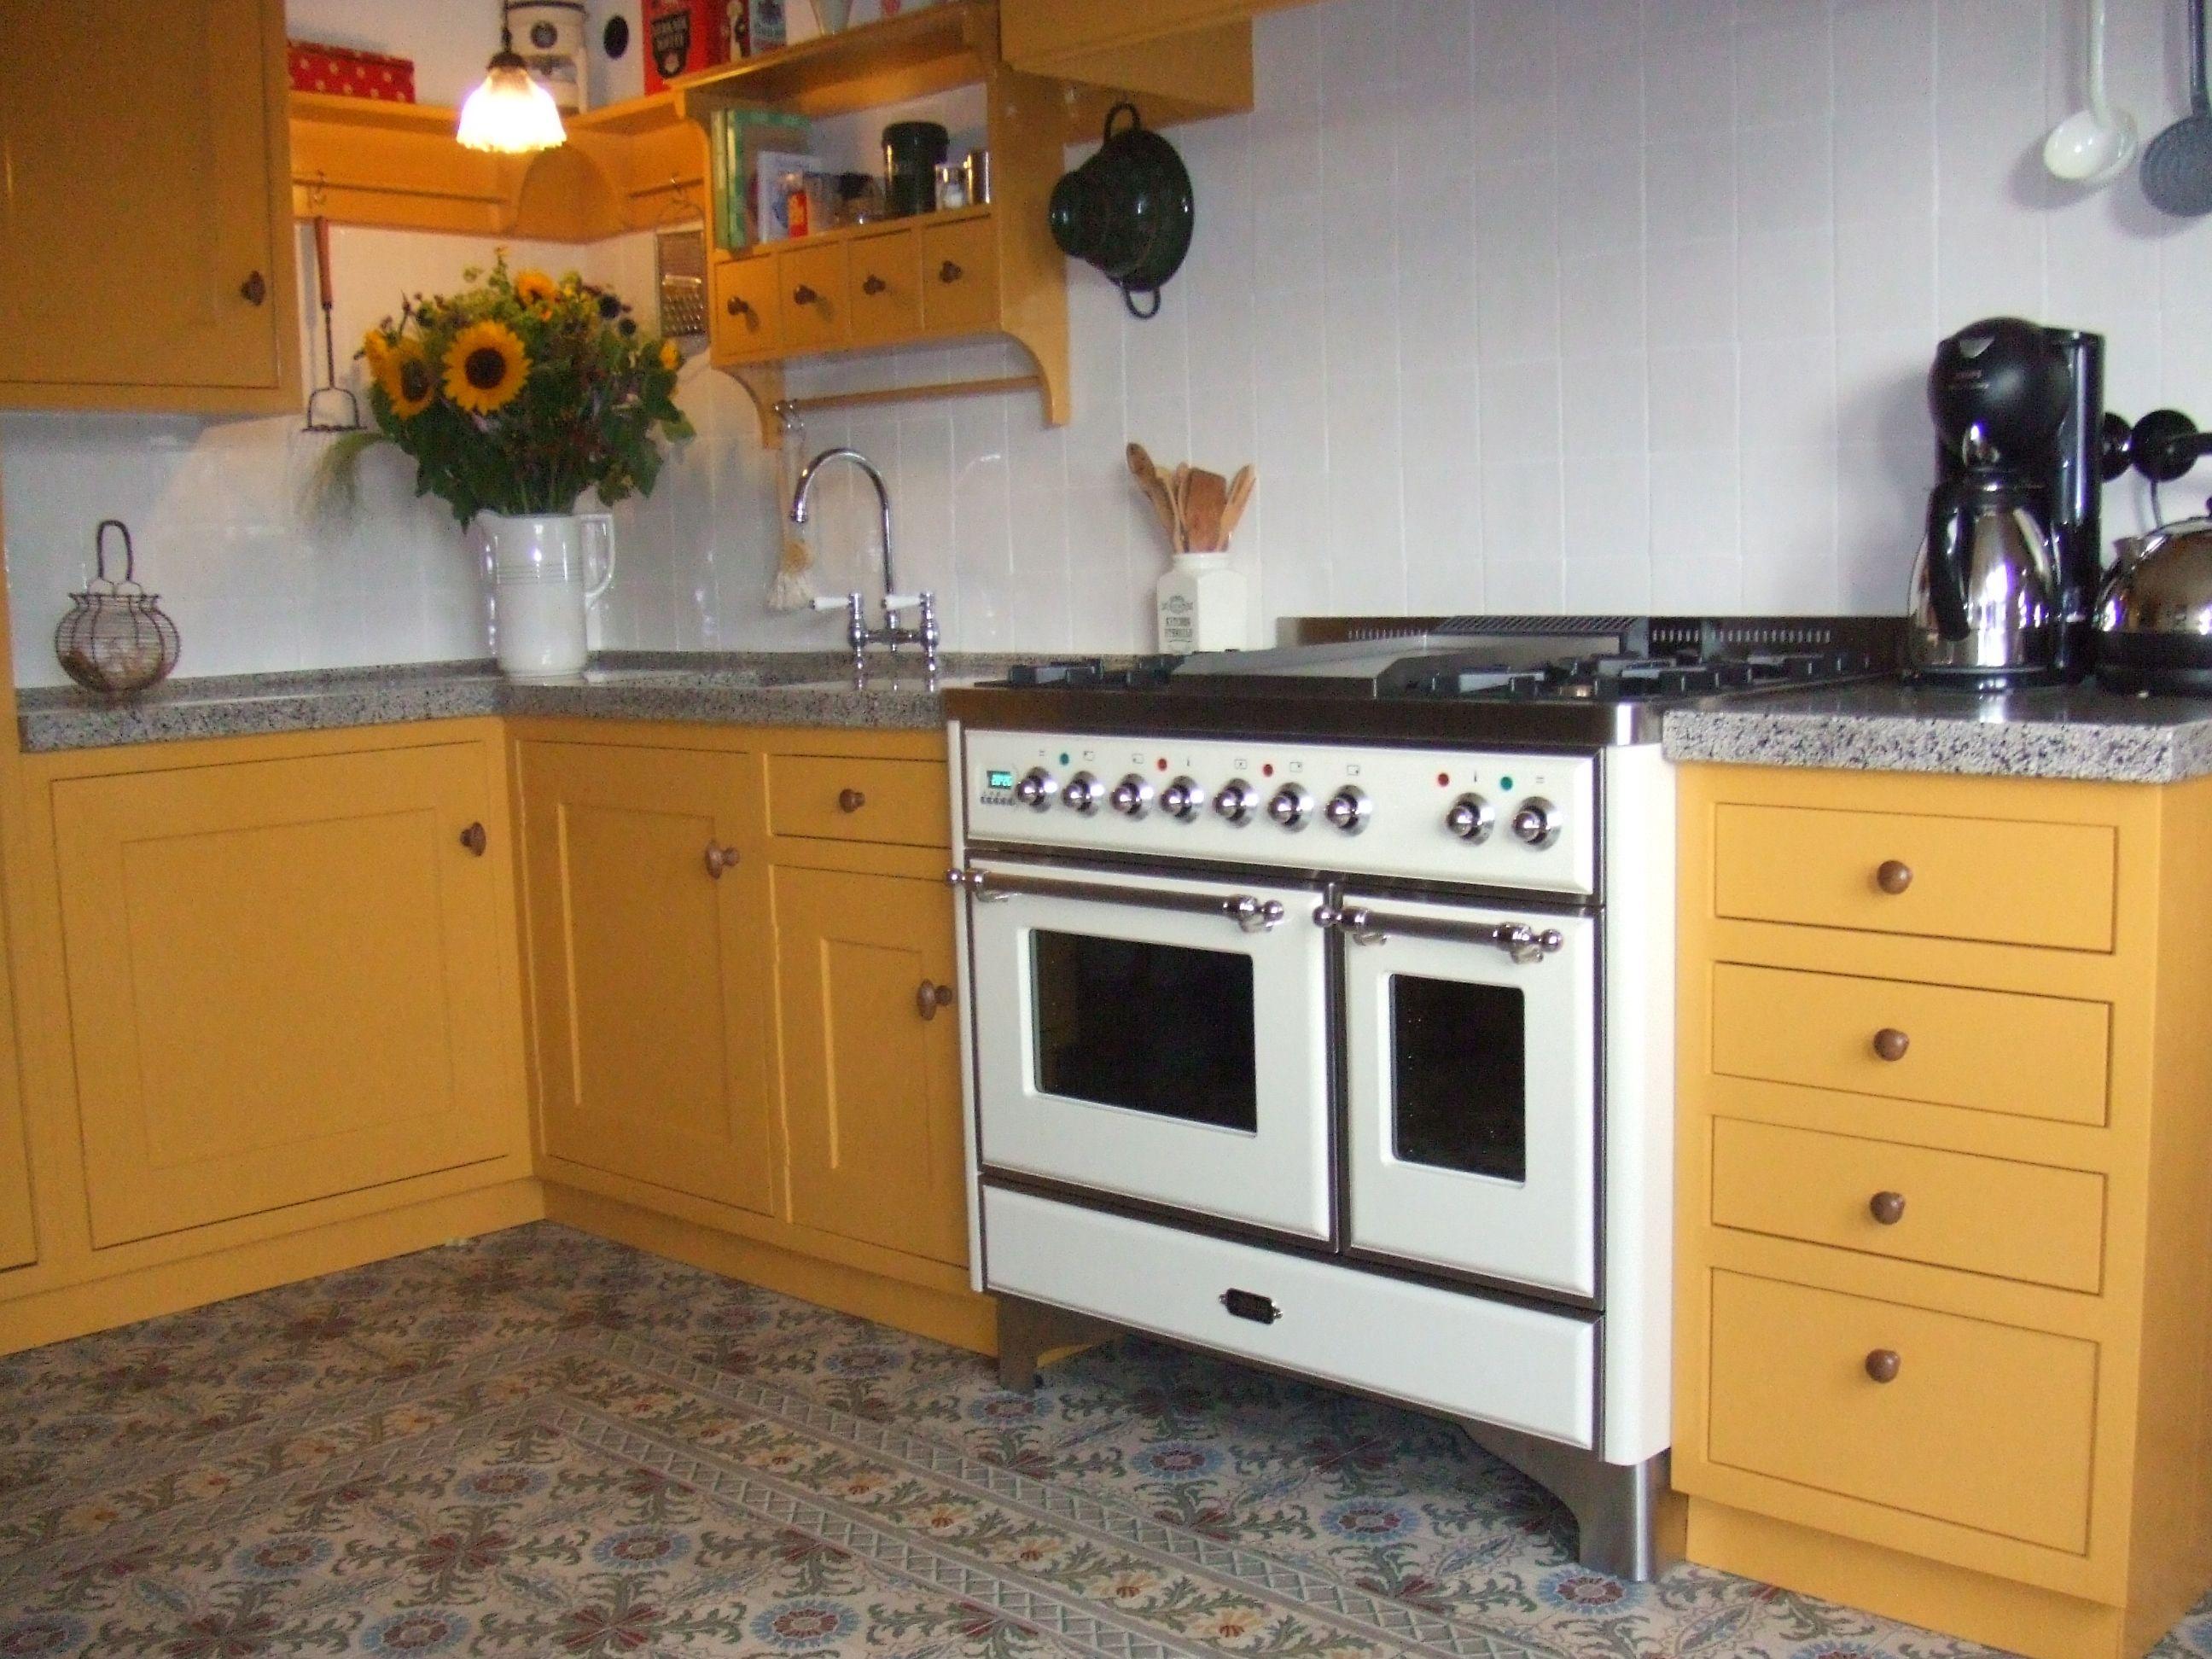 Speurders portugese tegels keuken beton kleur cm ook online